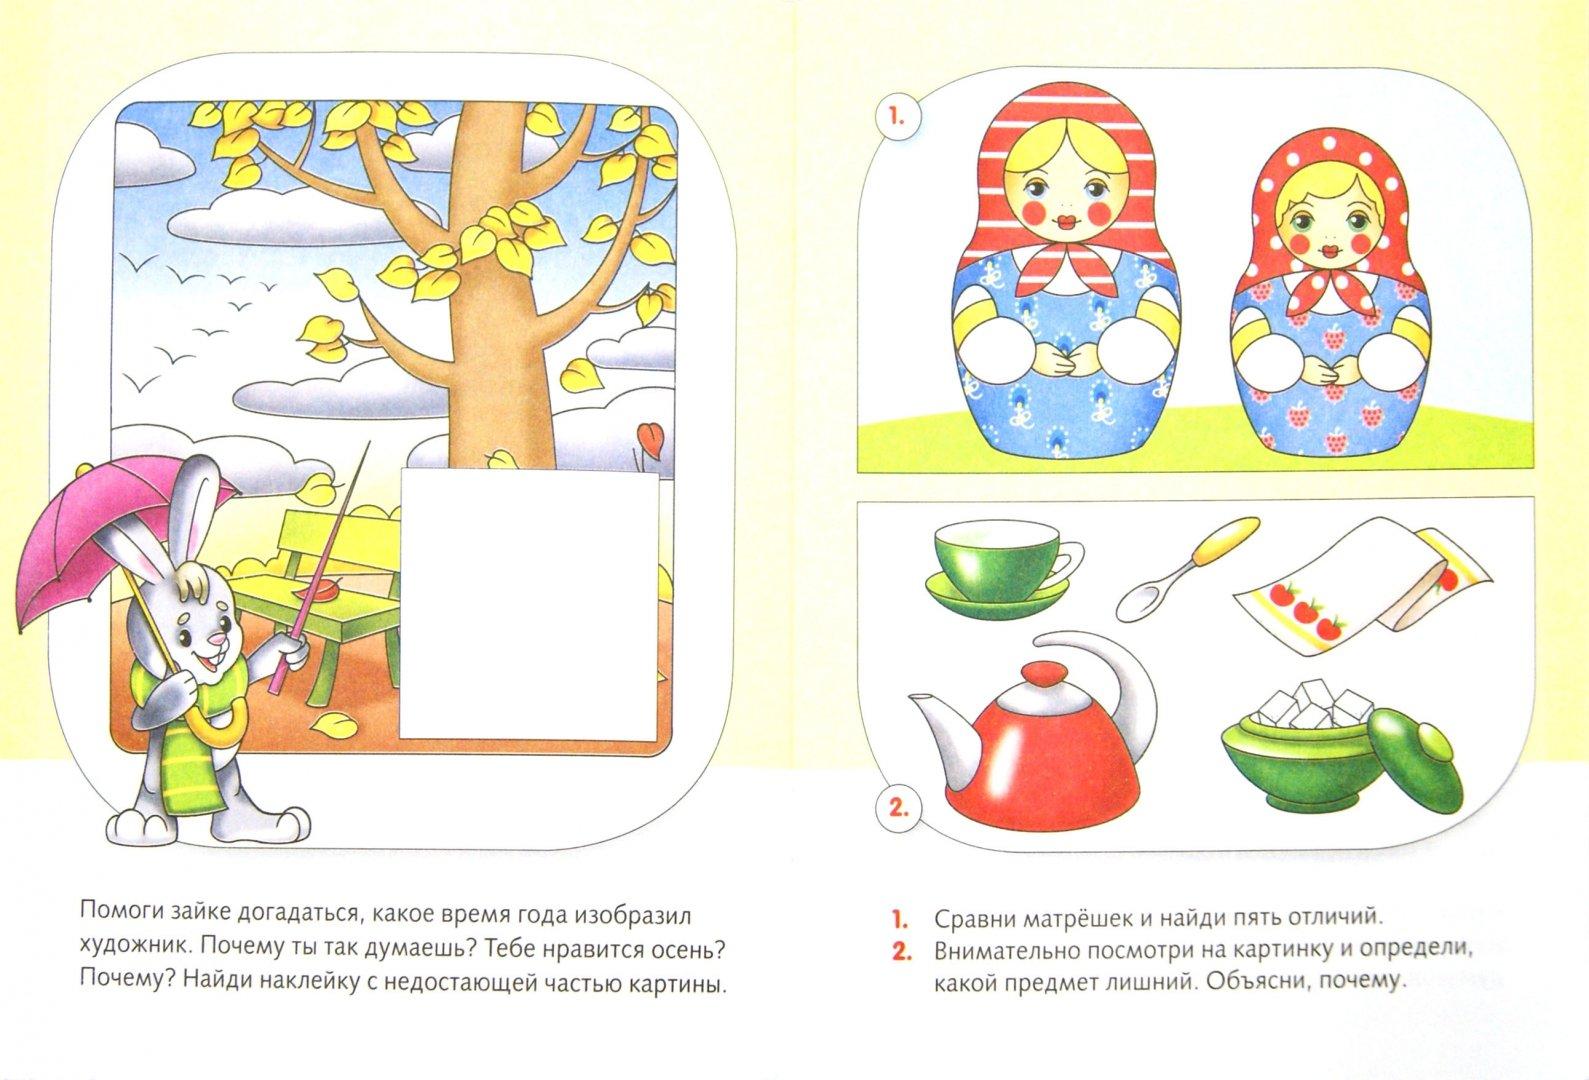 Картинки ребенку 5 лет для развития, днем рождения мужу